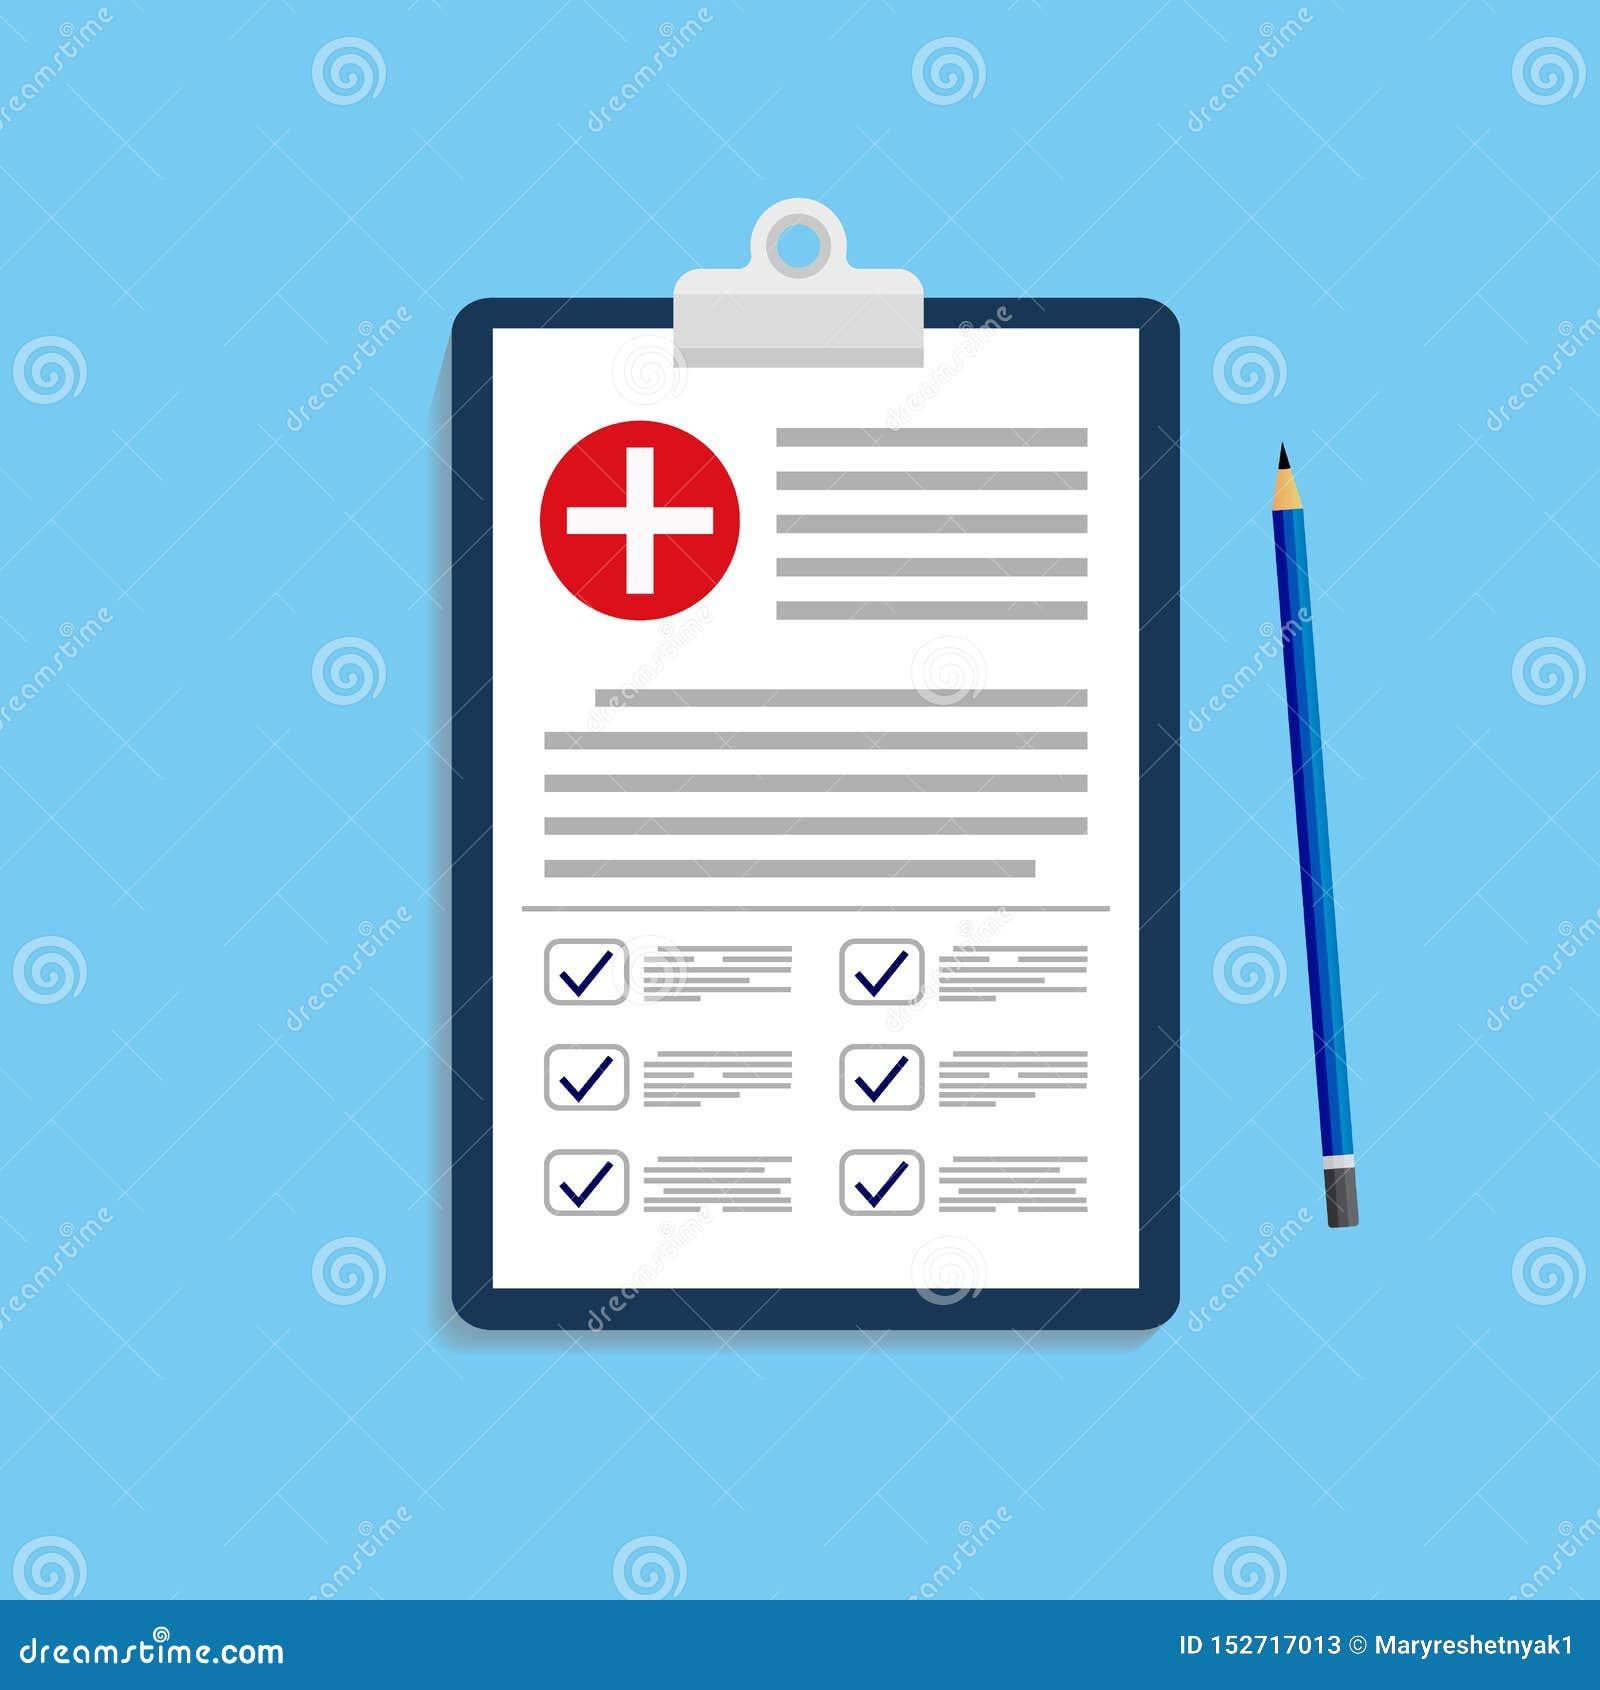 Kliniskt rekord, recept, rapport för medicinsk undersökning, sjukförsäkringbegrepp Skrivplatta med kontrollistavektorn eps10